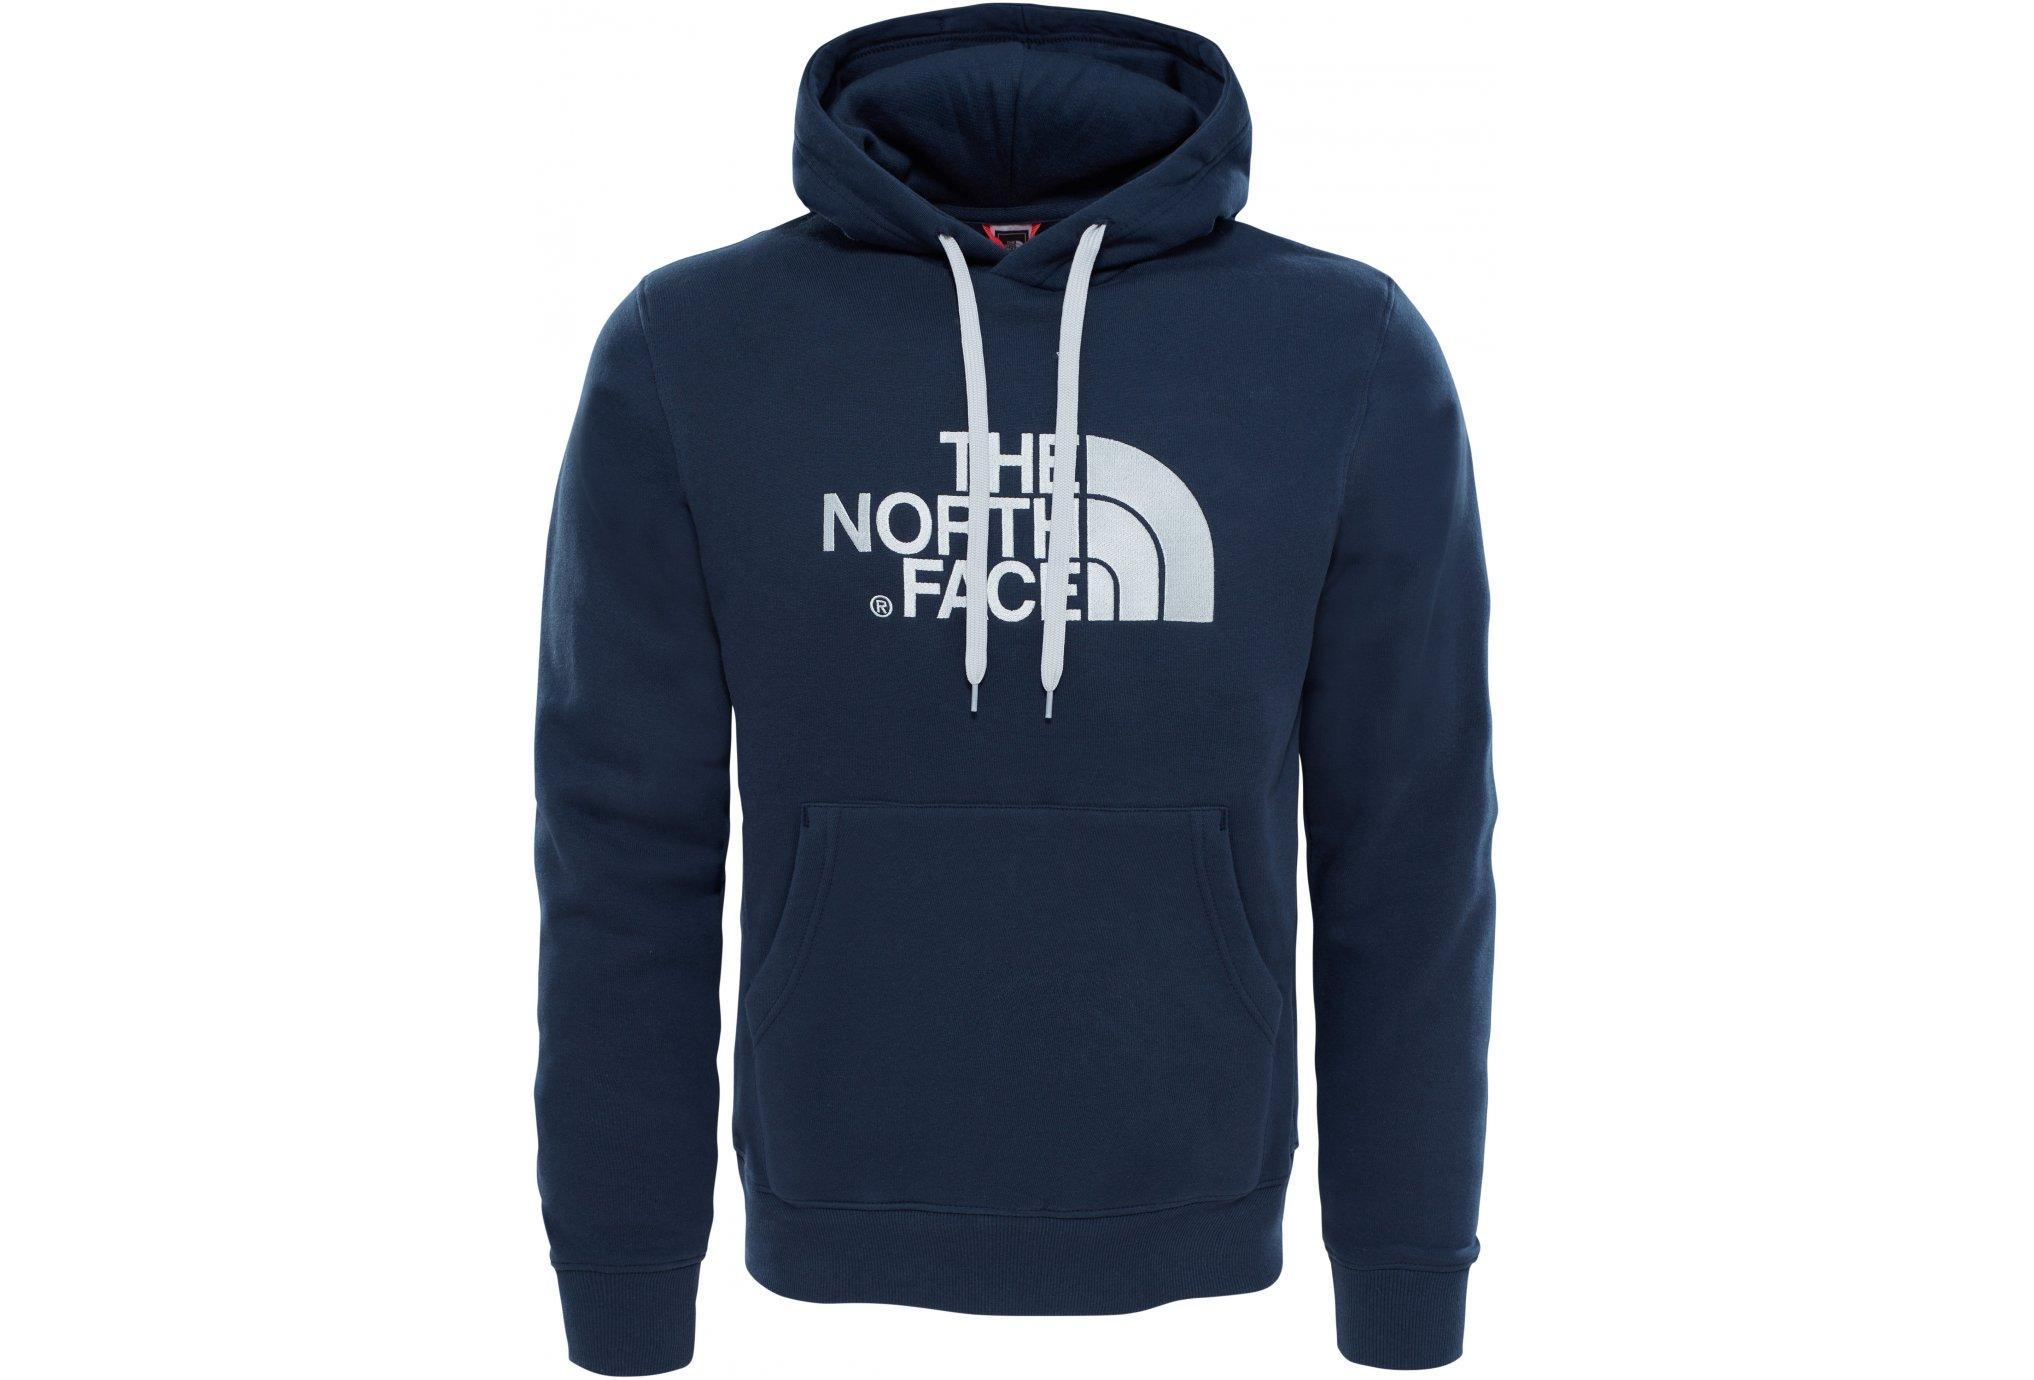 The North Face Drew Peak M Diététique Vêtements homme